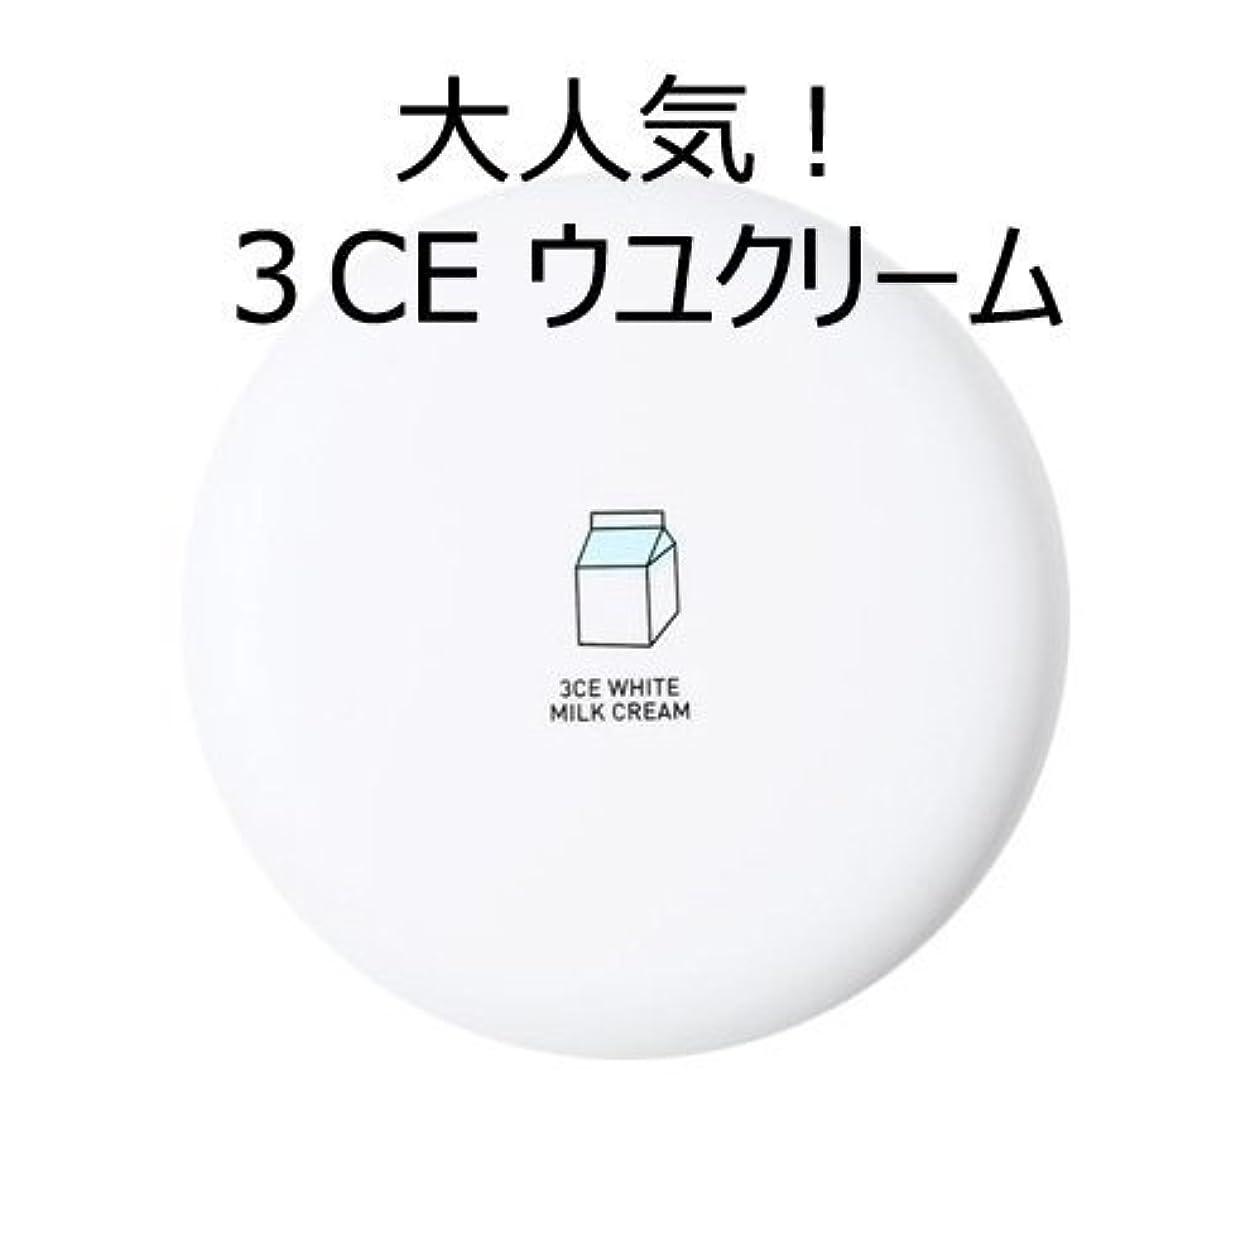 薬剤師抗議図書館[3CE] [大人気!話題のウユクリーム] 3CE White Milk Cream [並行輸入品]